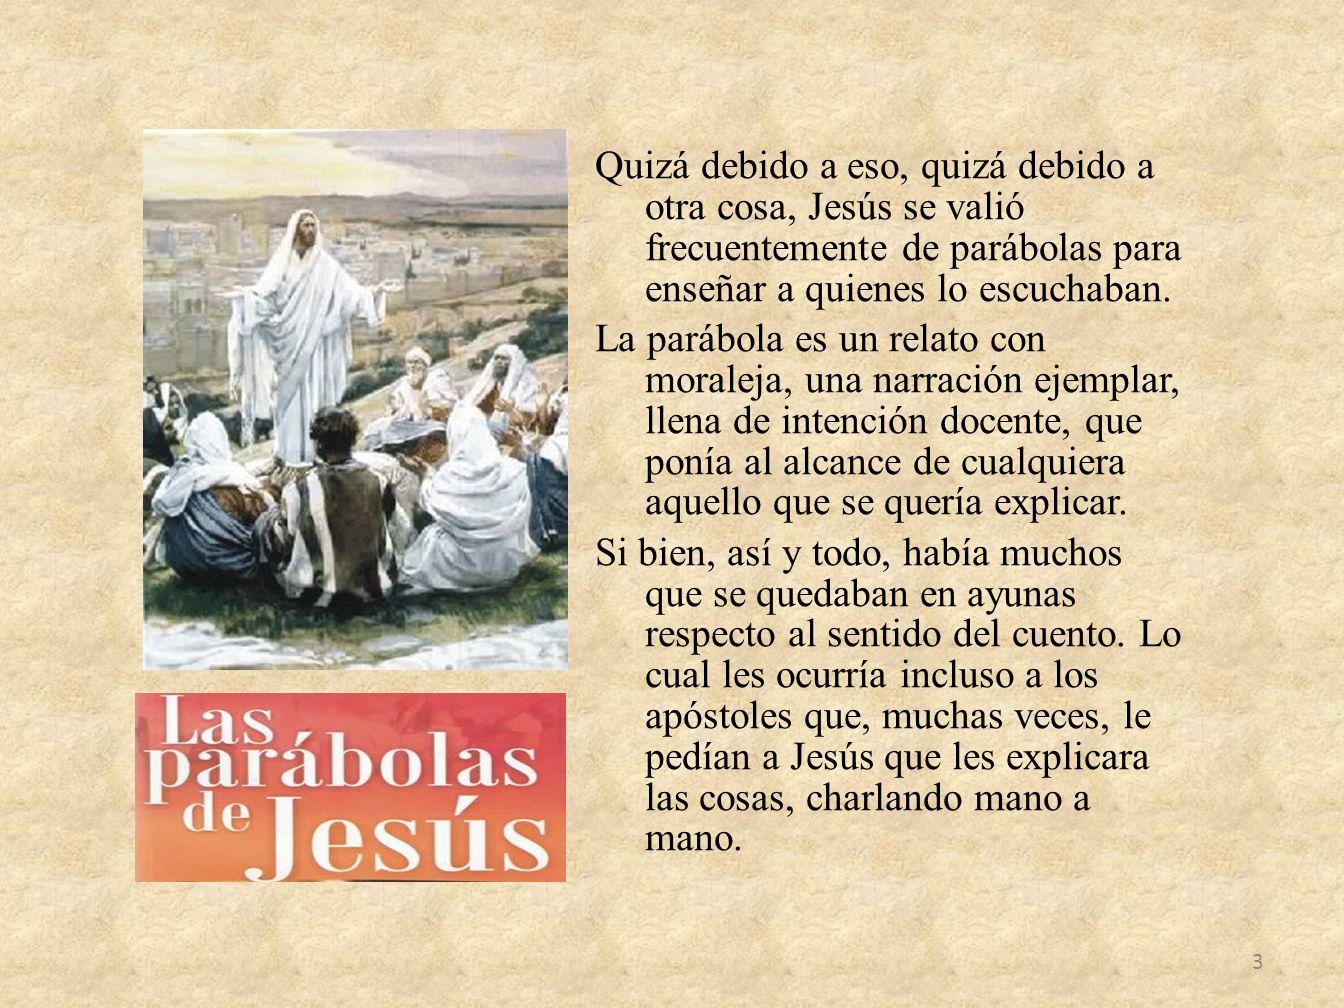 Quizá debido a eso, quizá debido a otra cosa, Jesús se valió frecuentemente de parábolas para enseñar a quienes lo escuchaban.